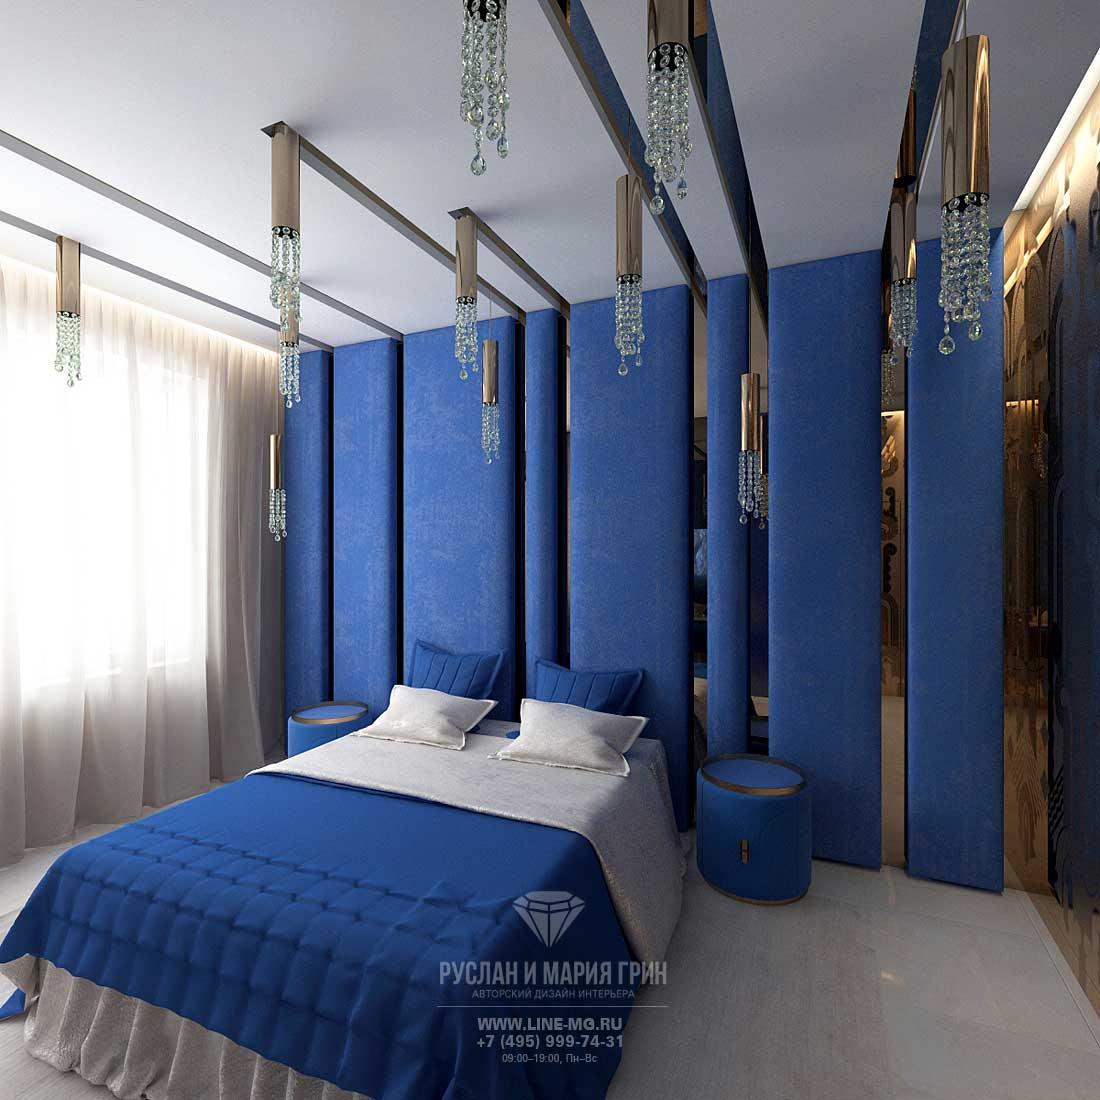 Фото 2015. Интерьер синей гостевой спальни